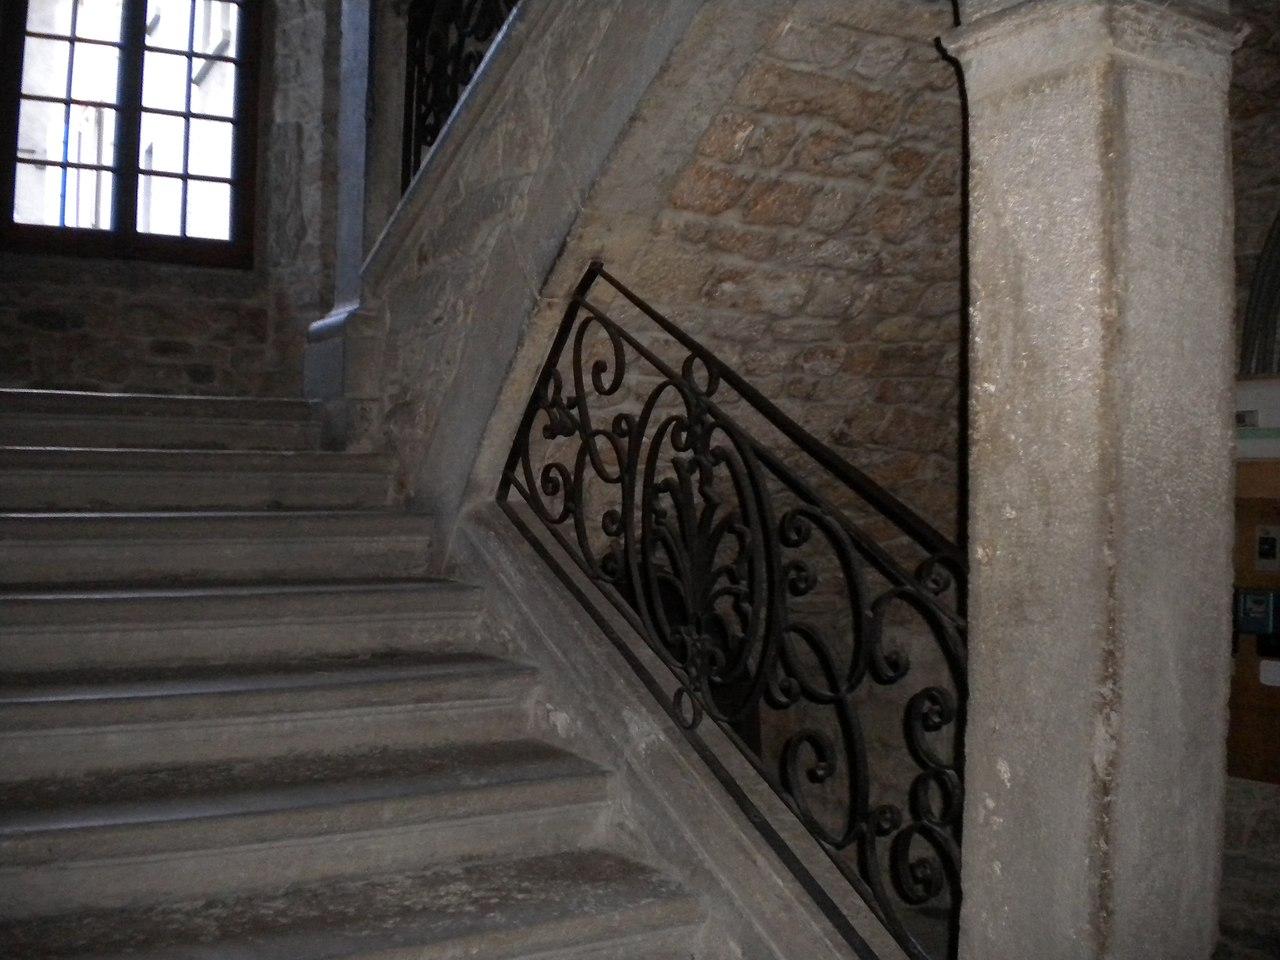 Filemende escalier intérieur maison malgoire de salles 03 jpg